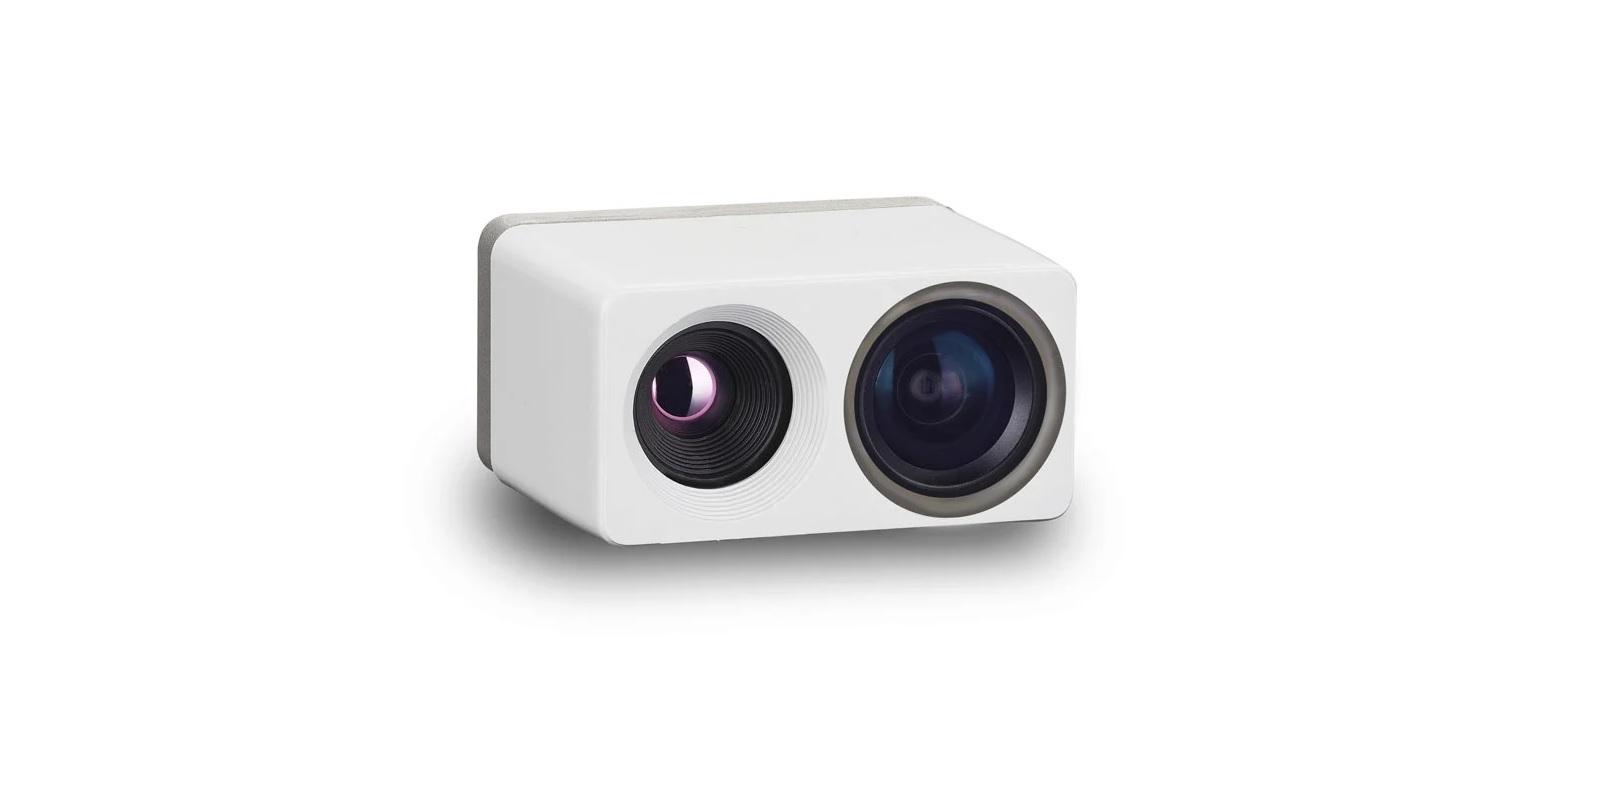 FLIR представляет Hadron, модуль камеры двойного зрения для дронов